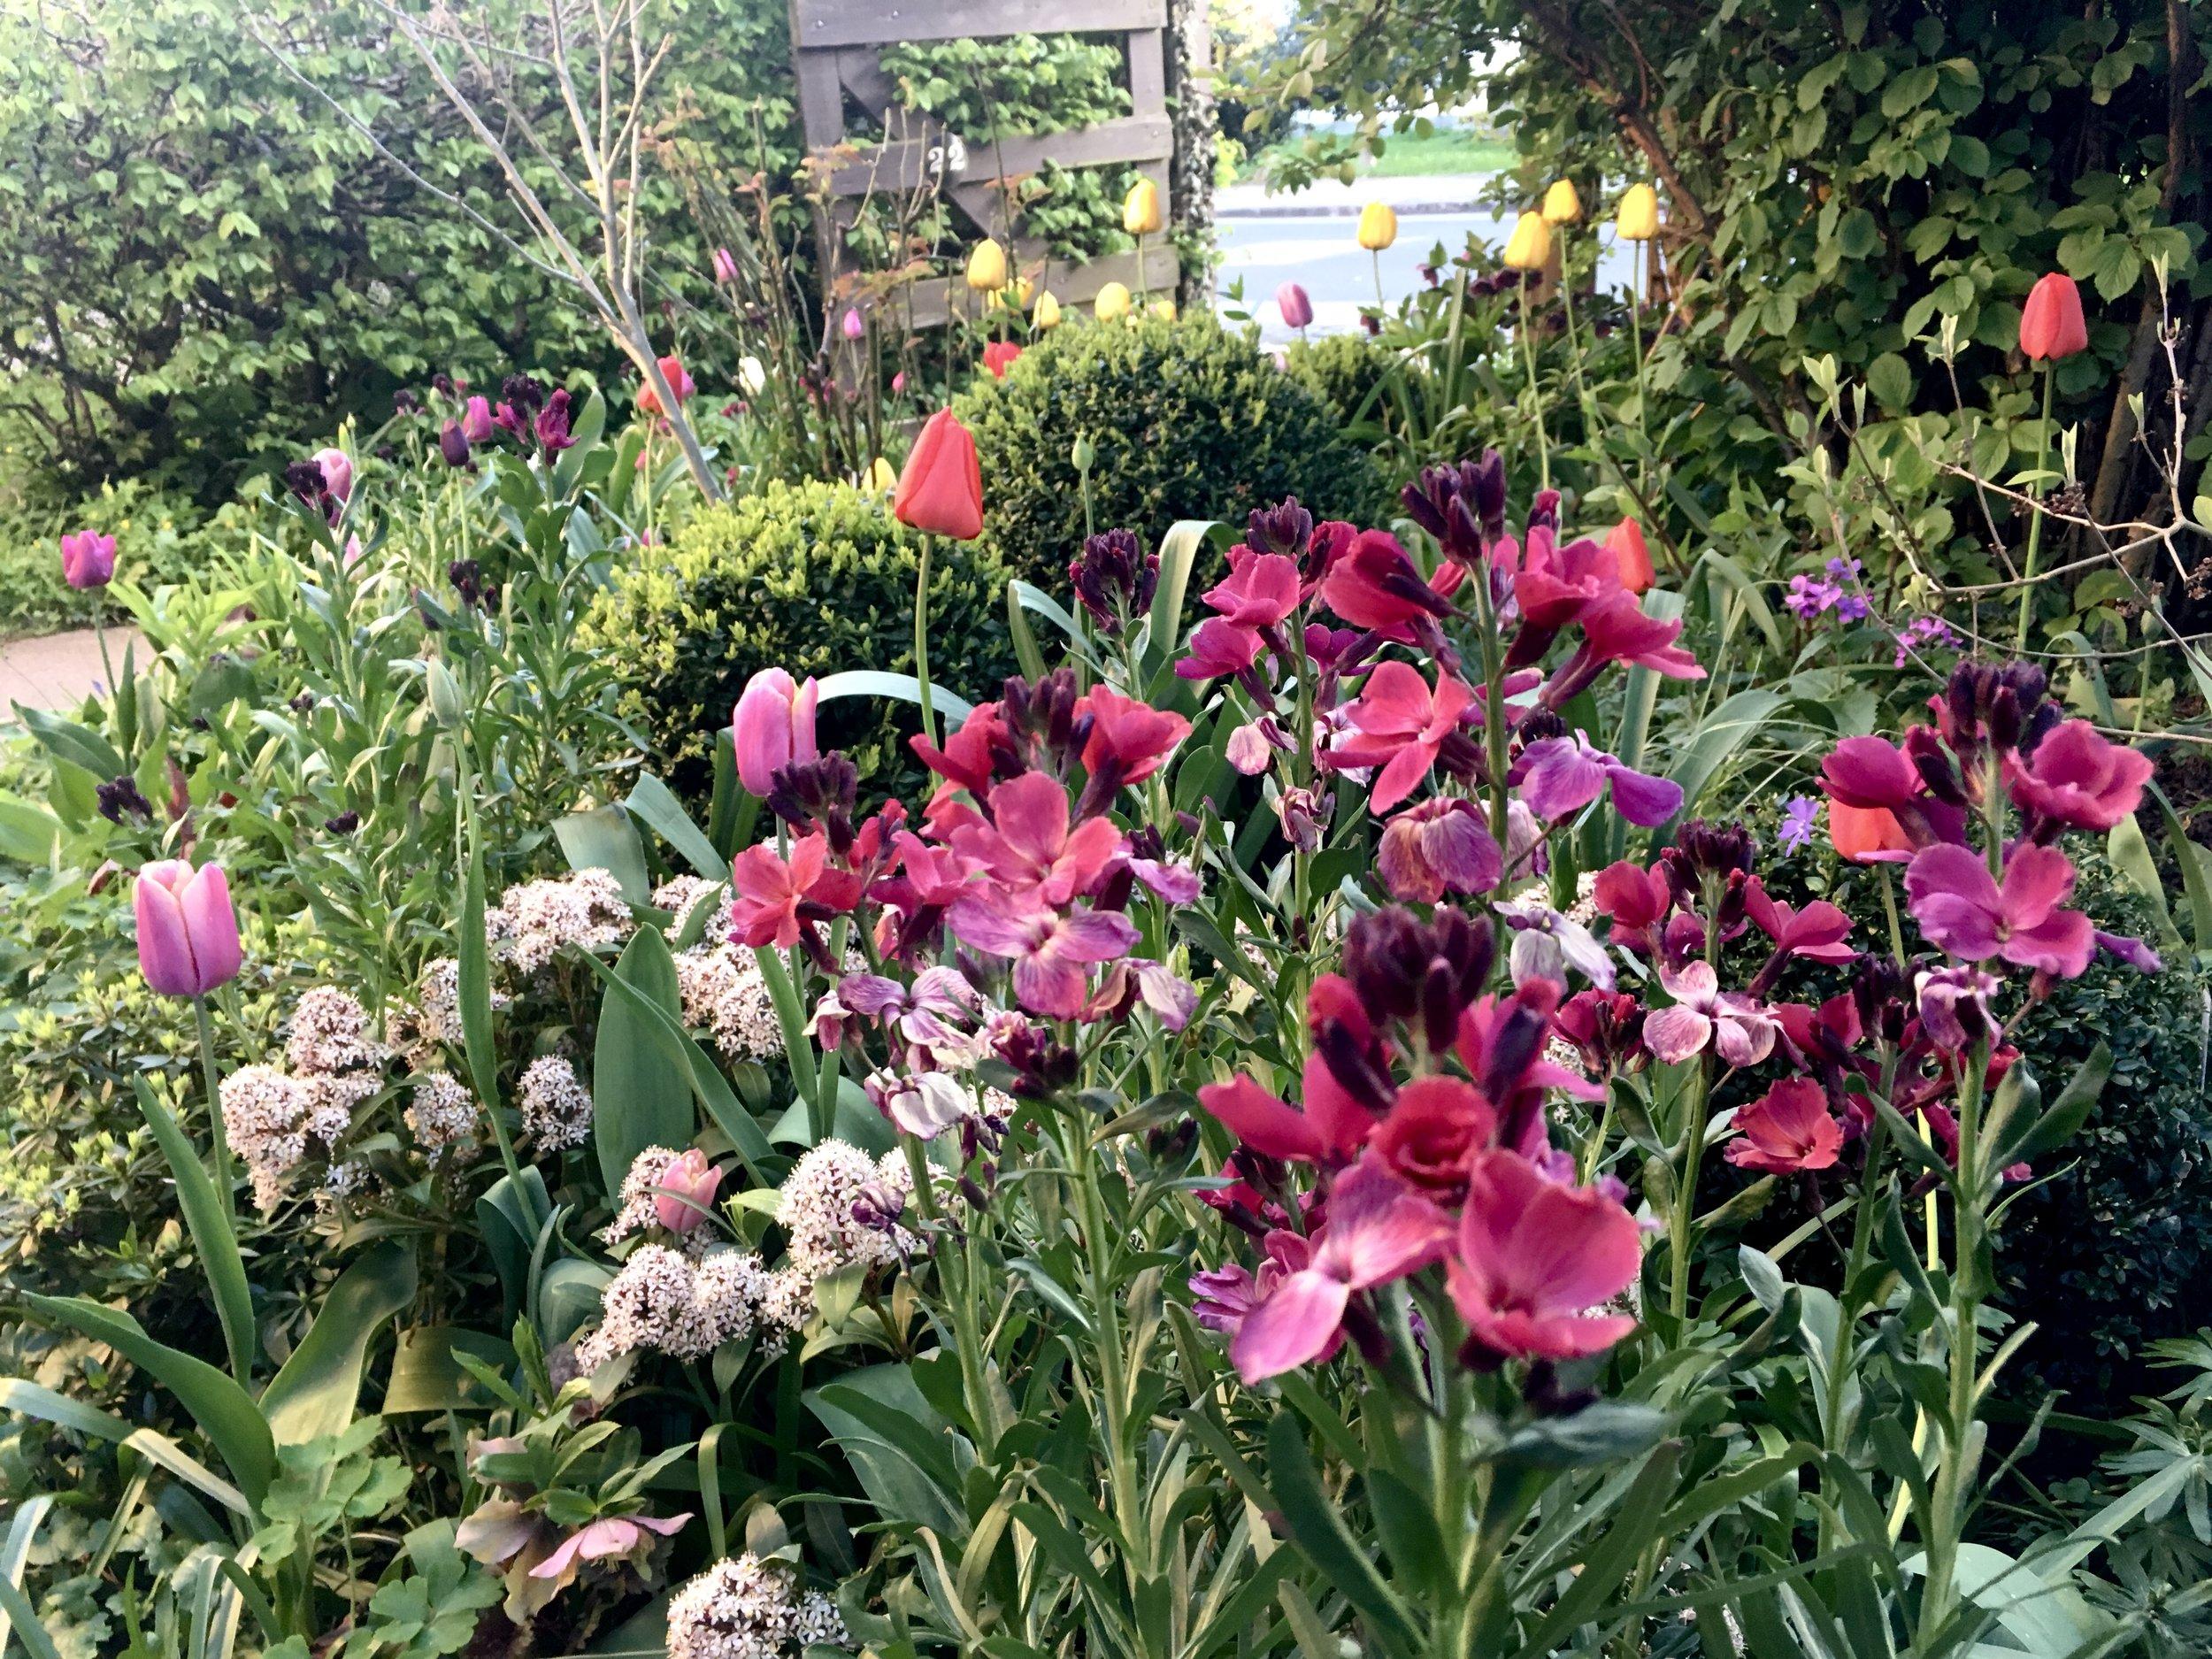 Bag gyldenlakkerne anes de gammeldags røde og gule Appeldoorn, som i modsætning til de fleste andre tulipaner kommer igen år efter år efter år. De er faktisk umulige at komme af med (jeg har prøvet, for jeg kan ikke lide farverne). Nu bærer jeg over med dem, og plukker løs, hvis jeg synes, at de larmer for meget.